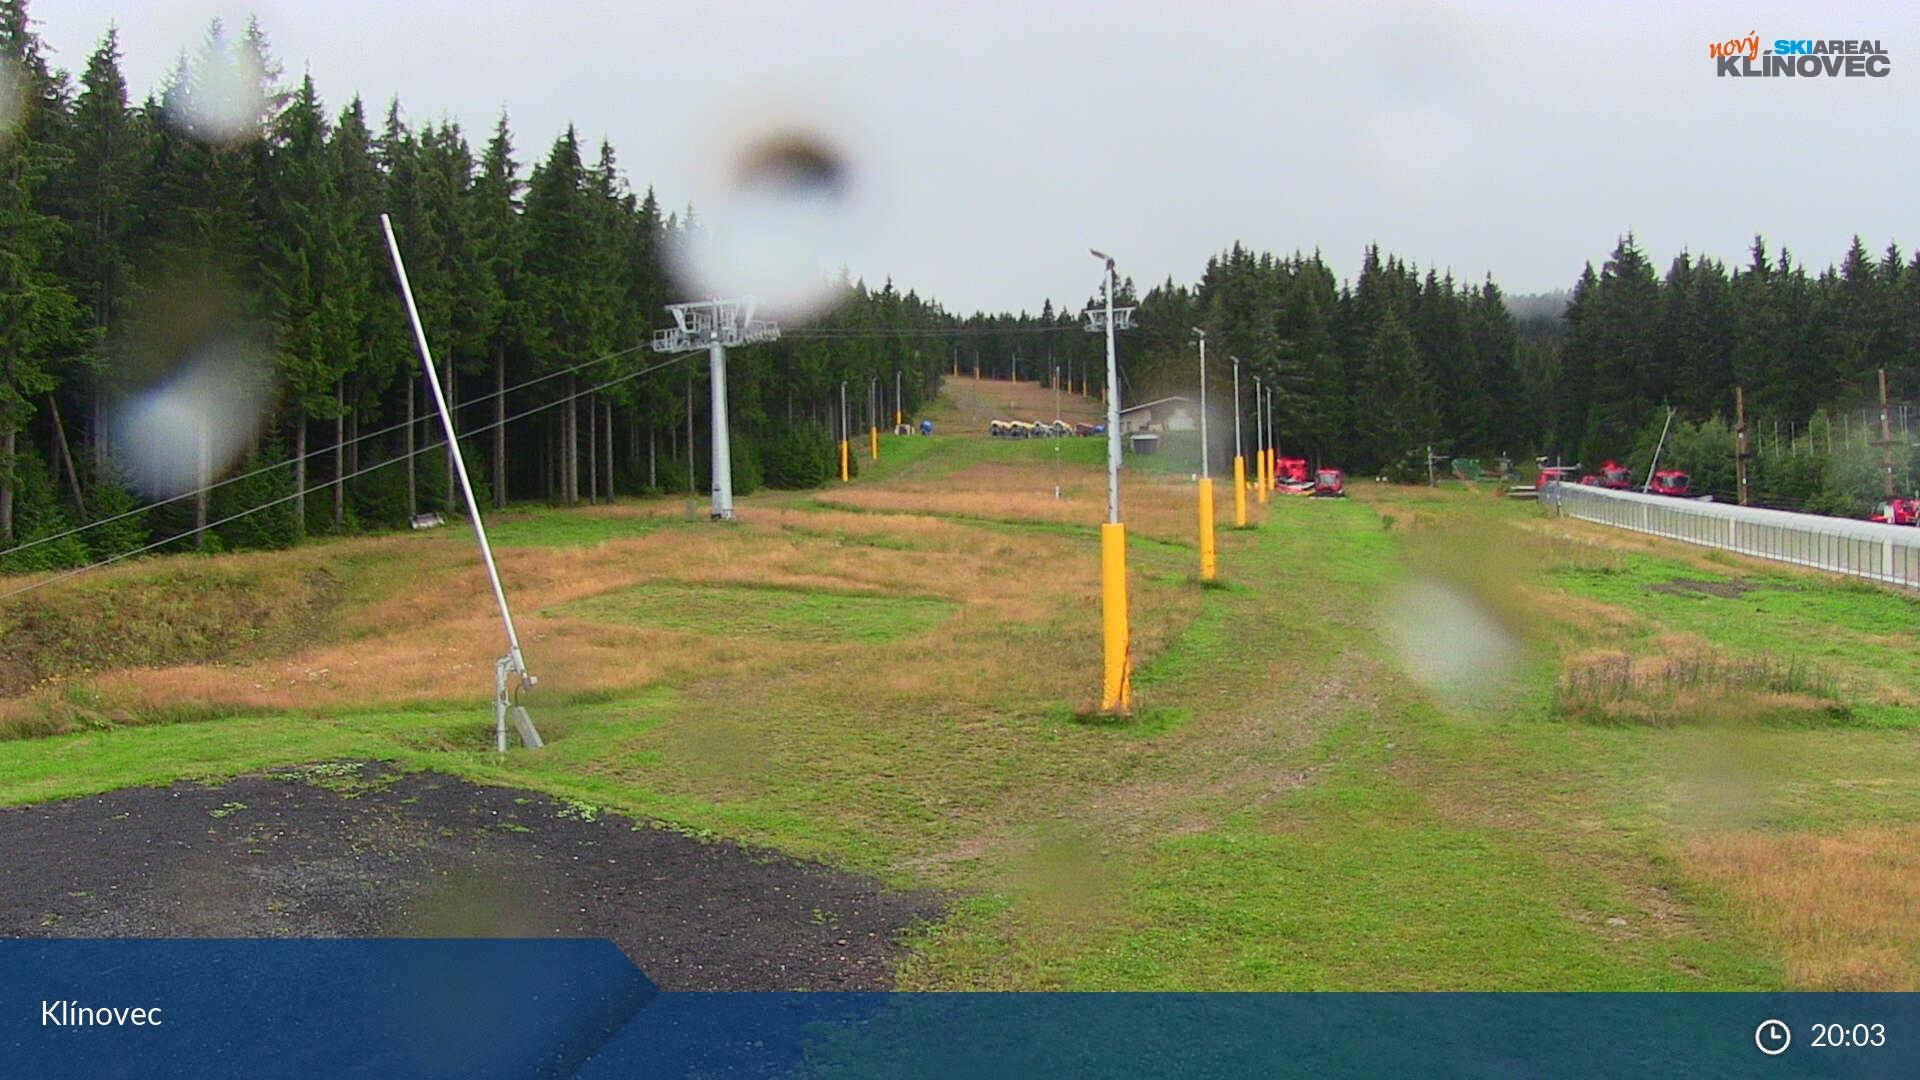 Klinovec panorama webcam